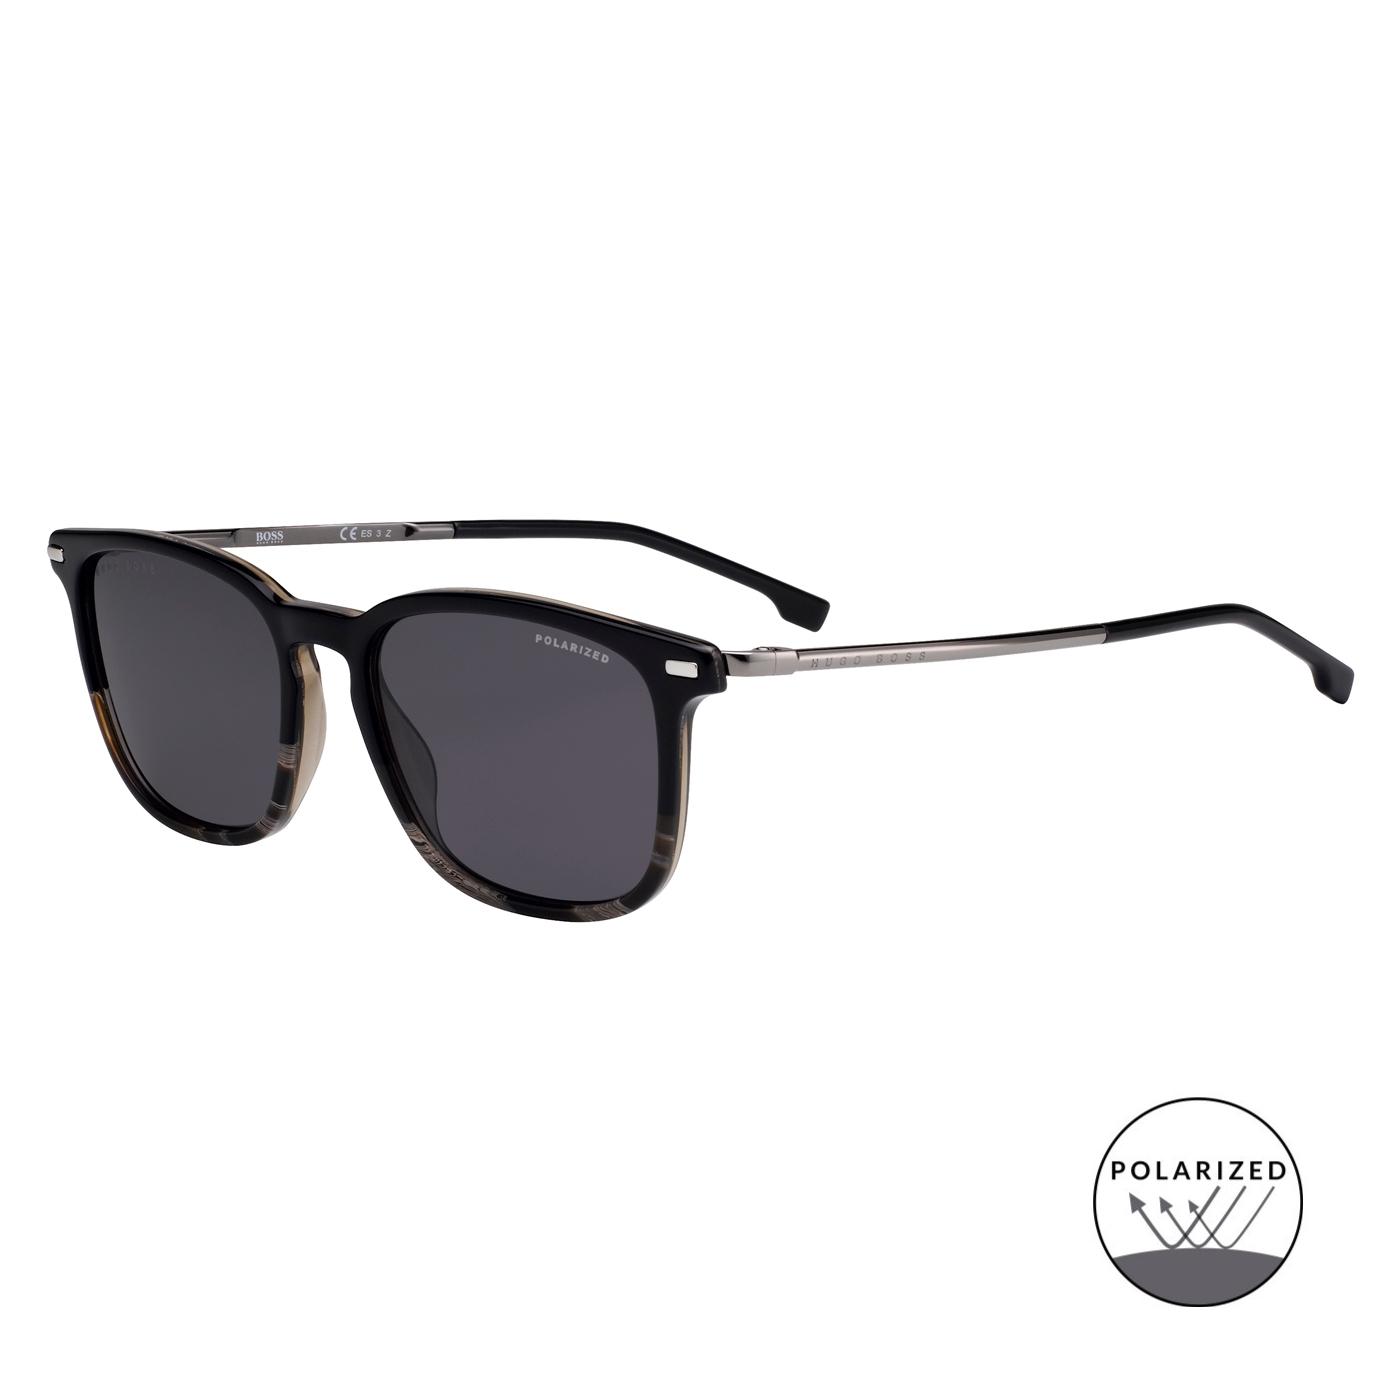 Bilde av Boss Black Grey Polarized Sunglasses BOSS 1020S XOW 54 M9